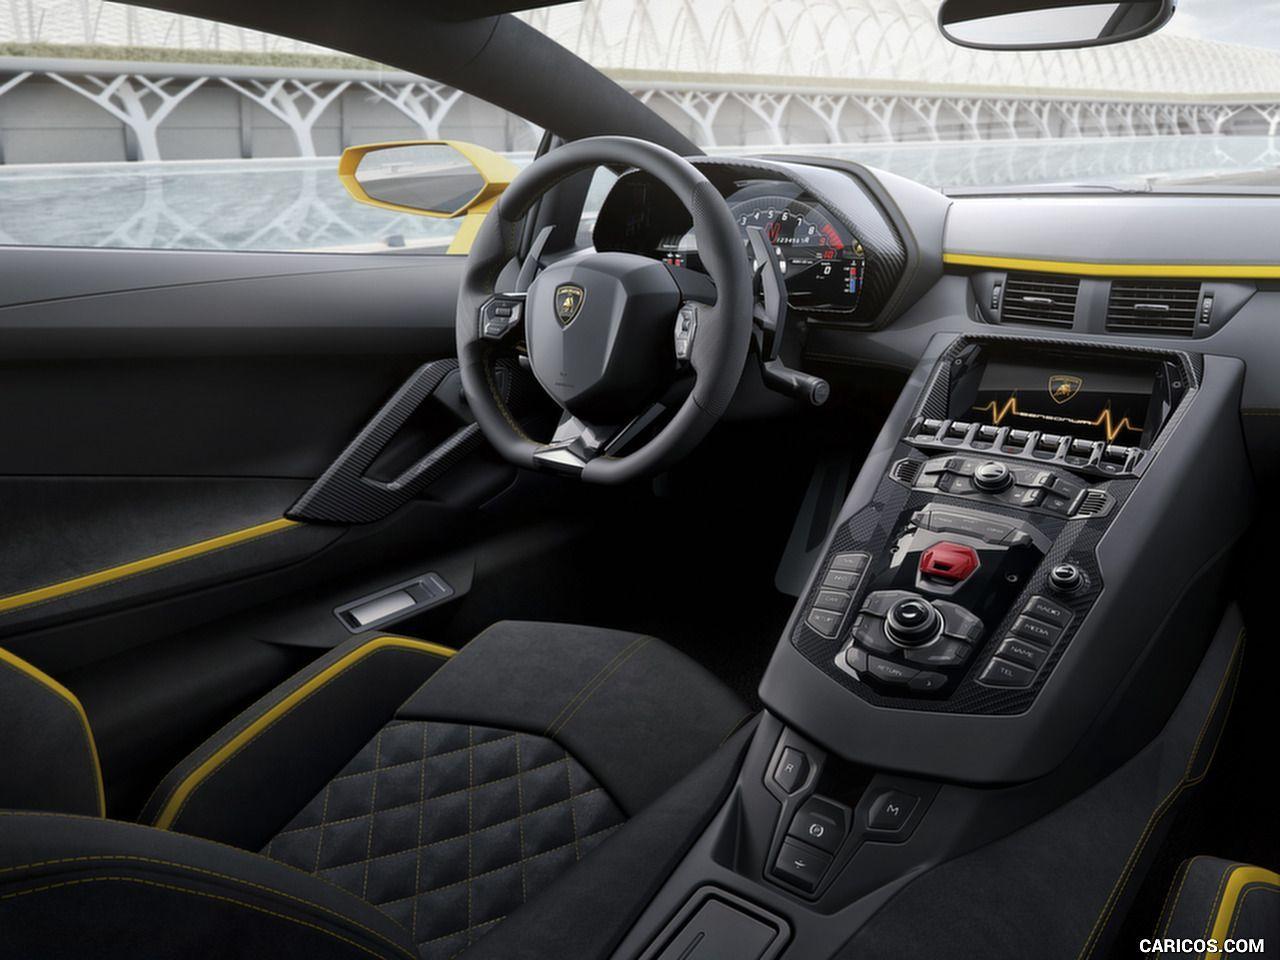 Năm lý do không nên mua một chiếc Lamborghini Aventador